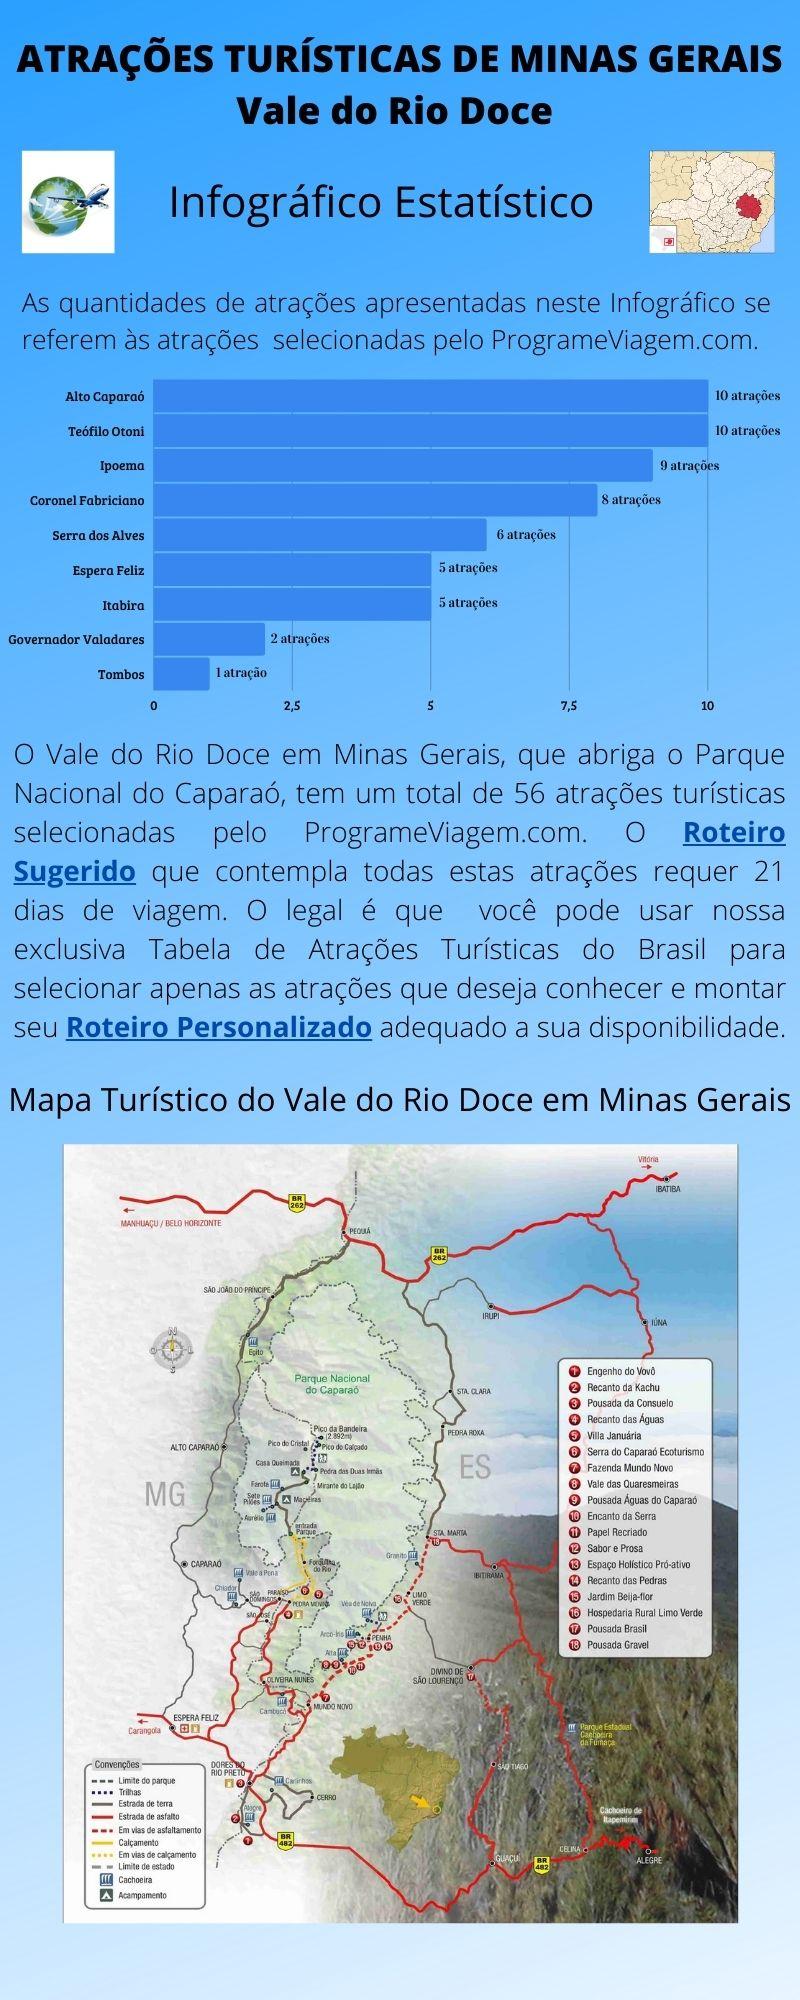 Infográfico Atrações Turísticas de Minas Gerais (Vale do Rio Doce)